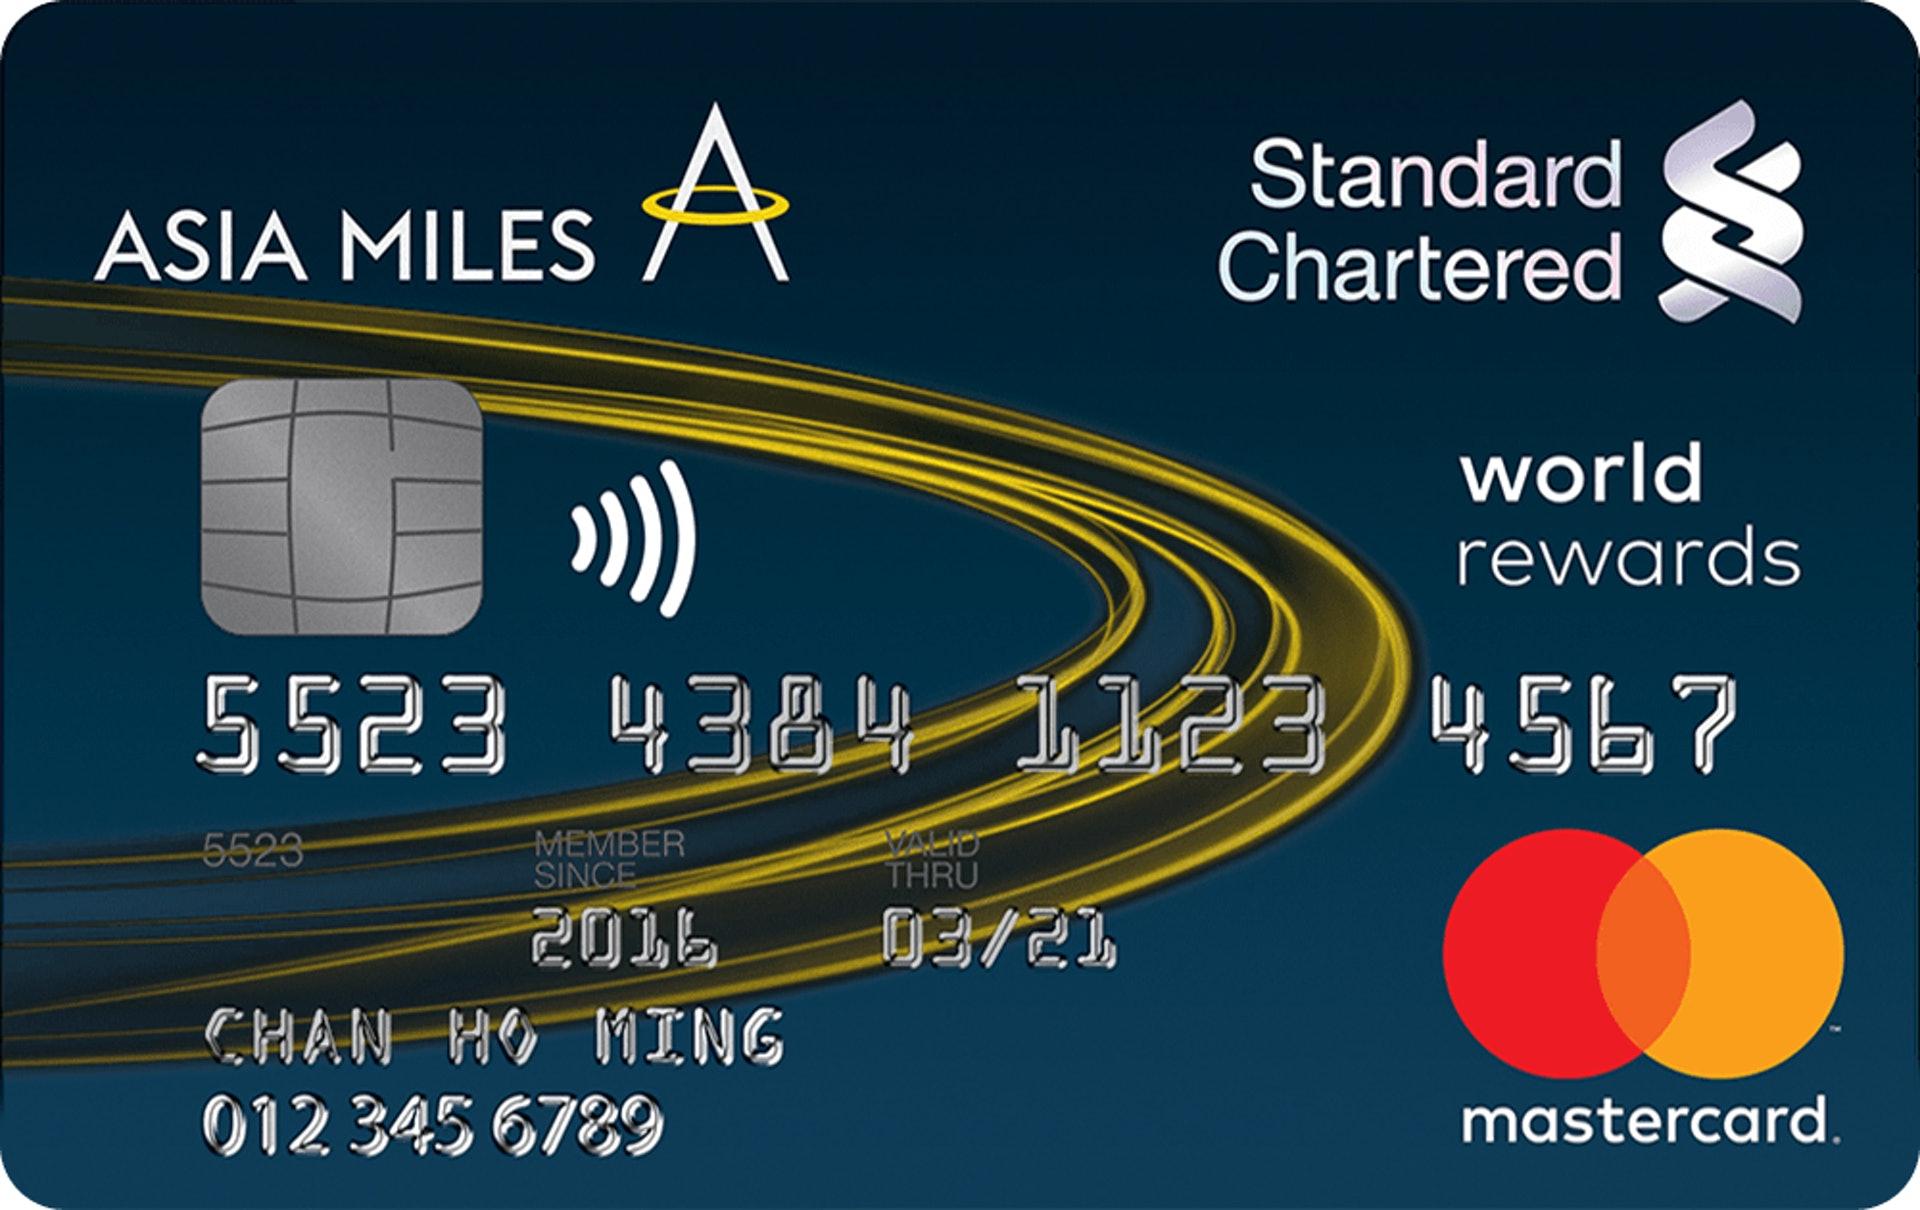 渣打銀行信用卡:經常提供優先訂票,2019 有鄭秀文演唱會,而過往就提供過何韻詩、蕭敬騰、王菲等嘅演唱會優先訂票